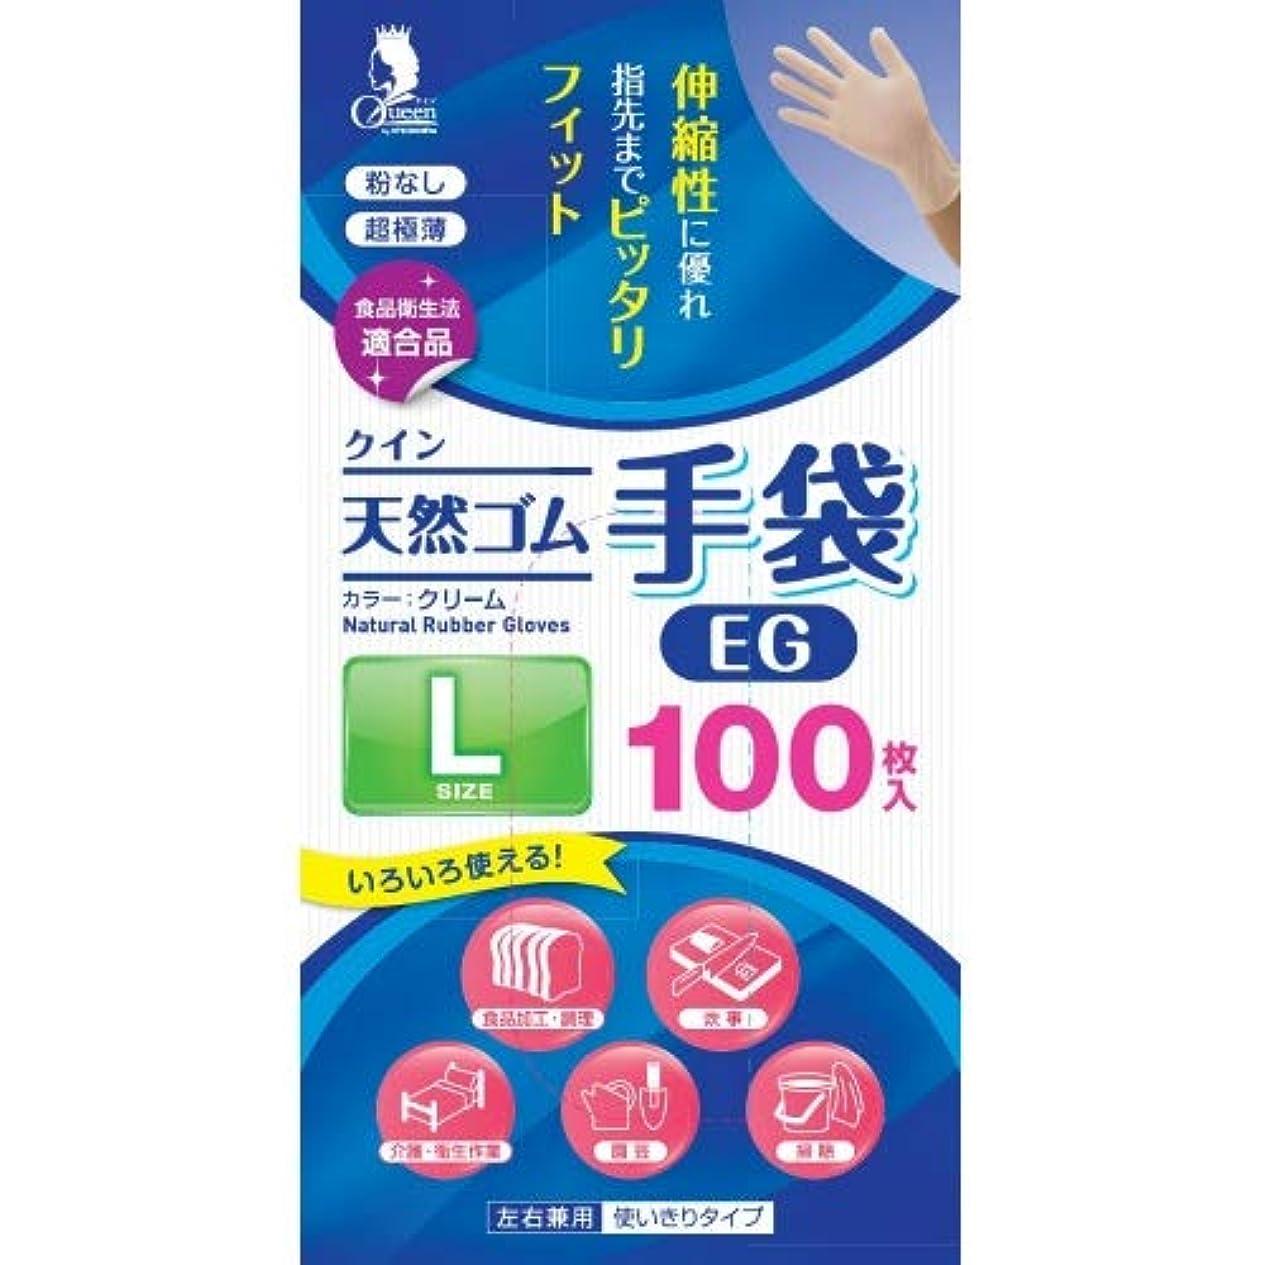 遅滞連鎖盆地宇都宮製作 クイン 天然ゴム 手袋 EG 粉なし 100枚入 Lサイズ